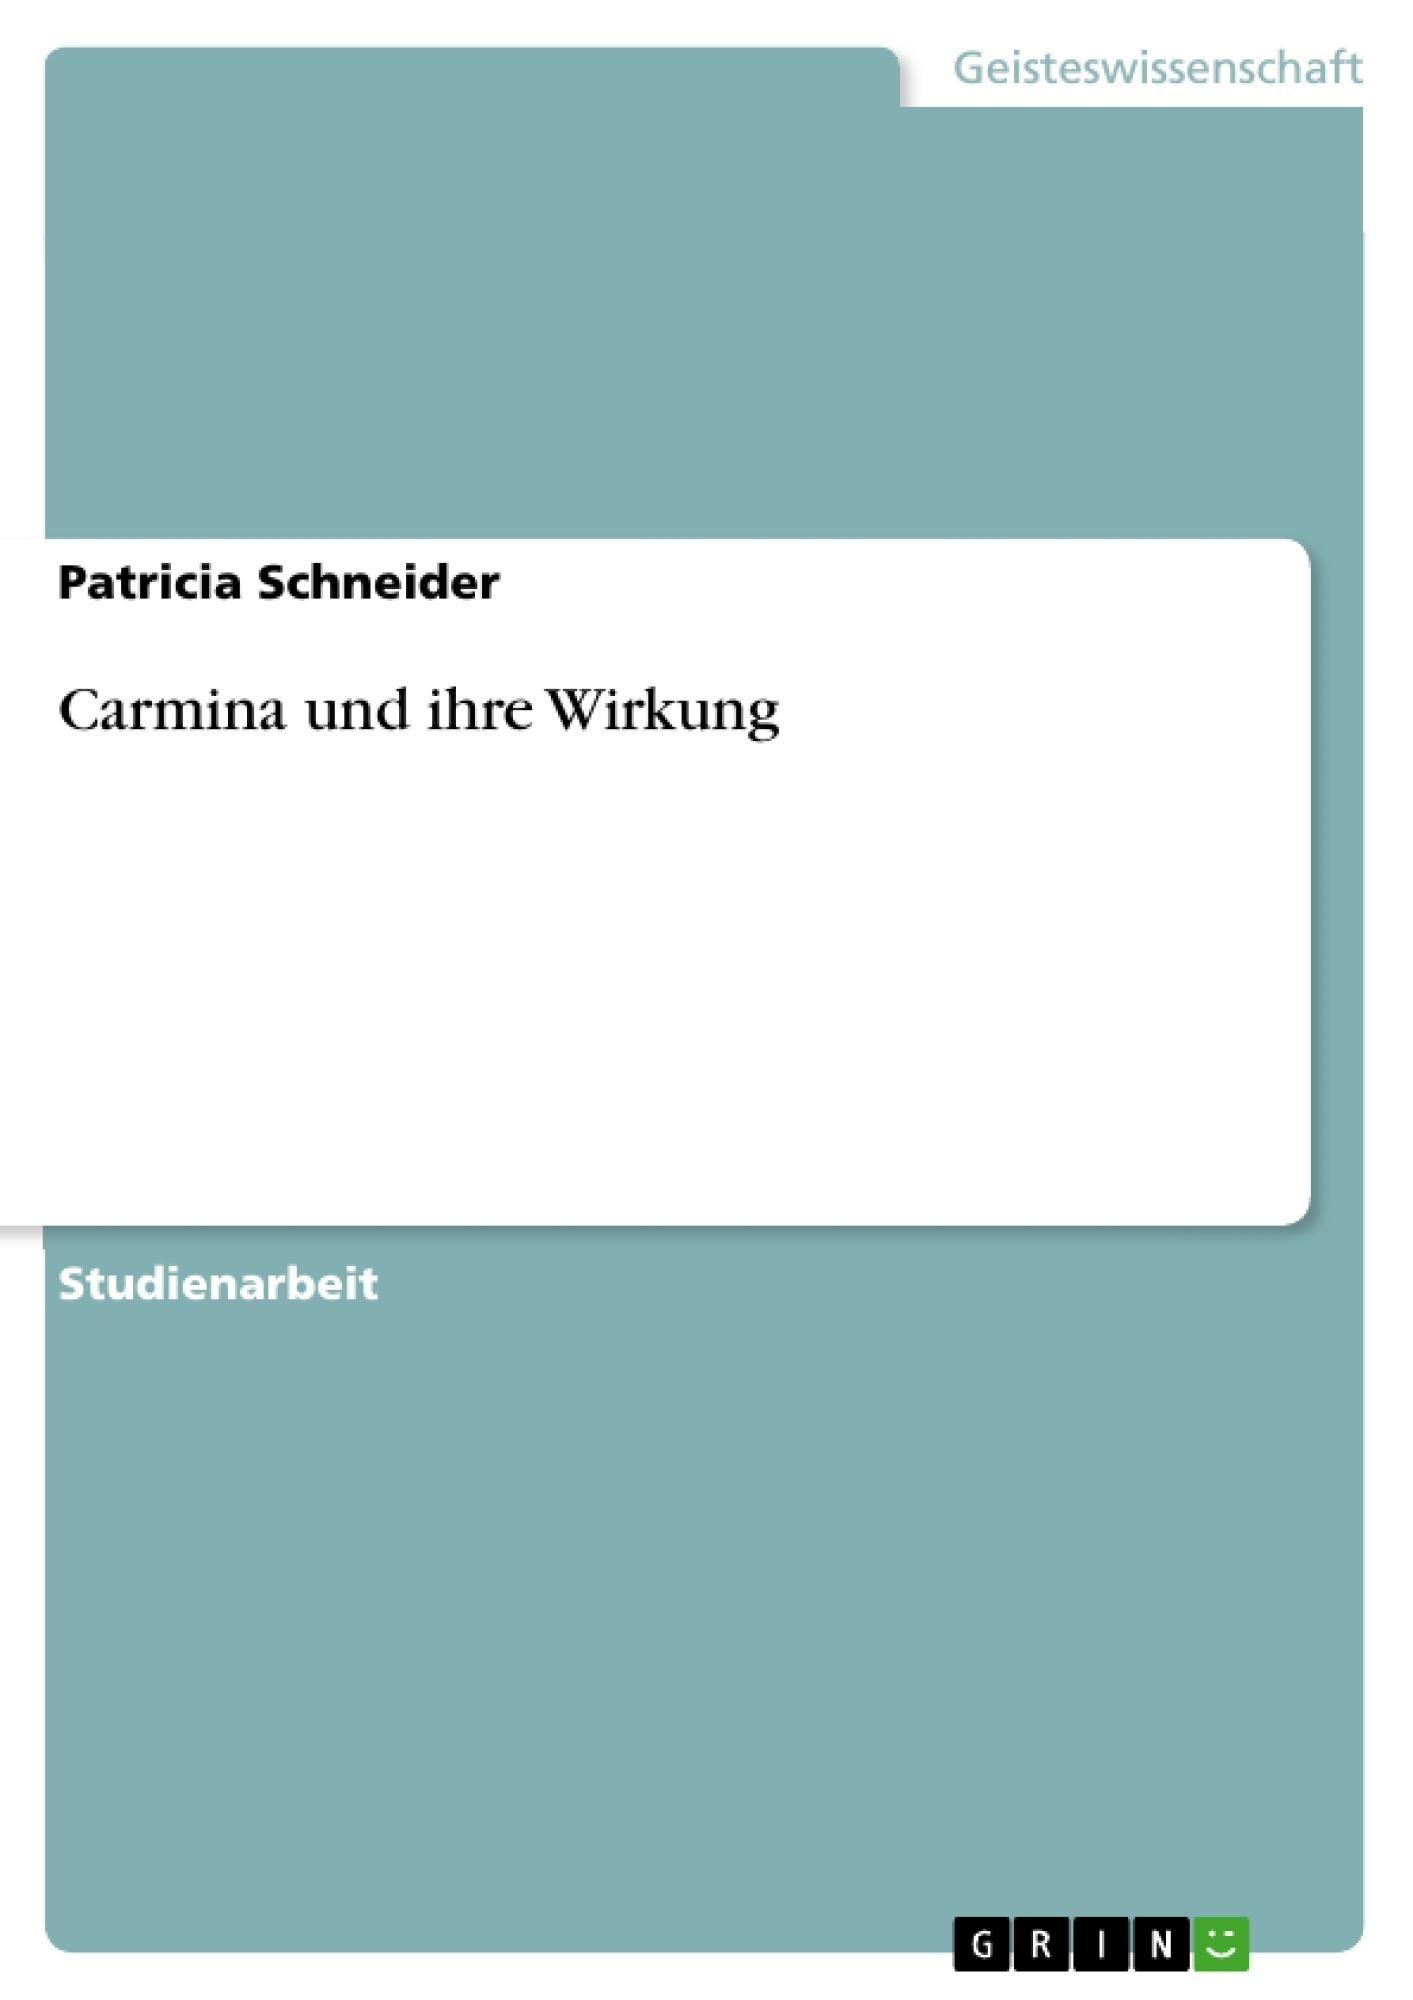 Titel: Carmina und ihre Wirkung